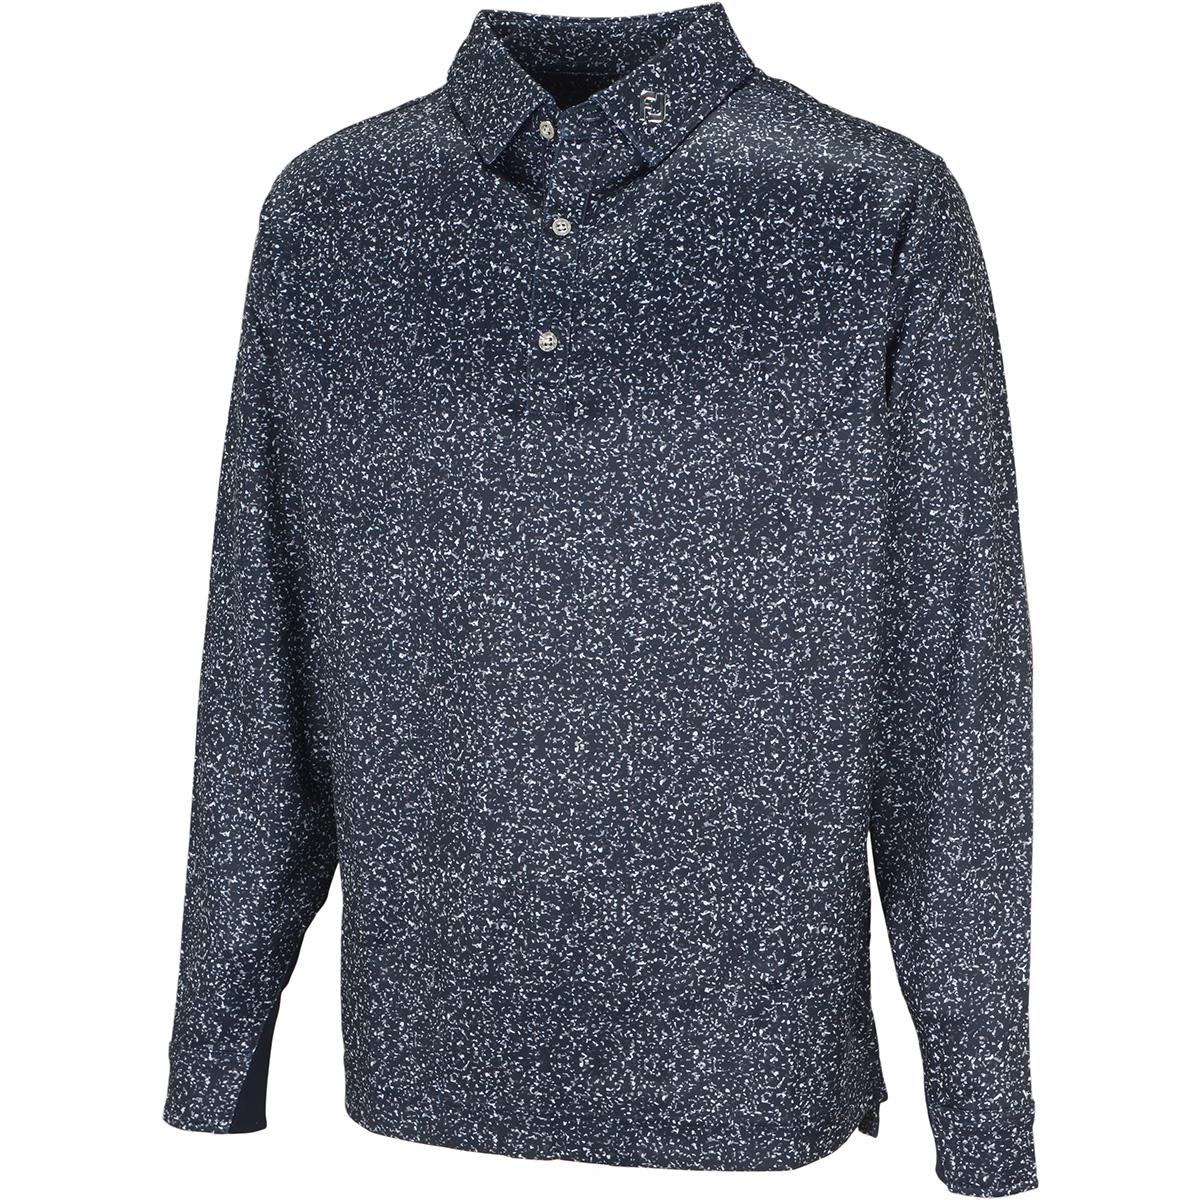 グラニットプリント 長袖ポロシャツ